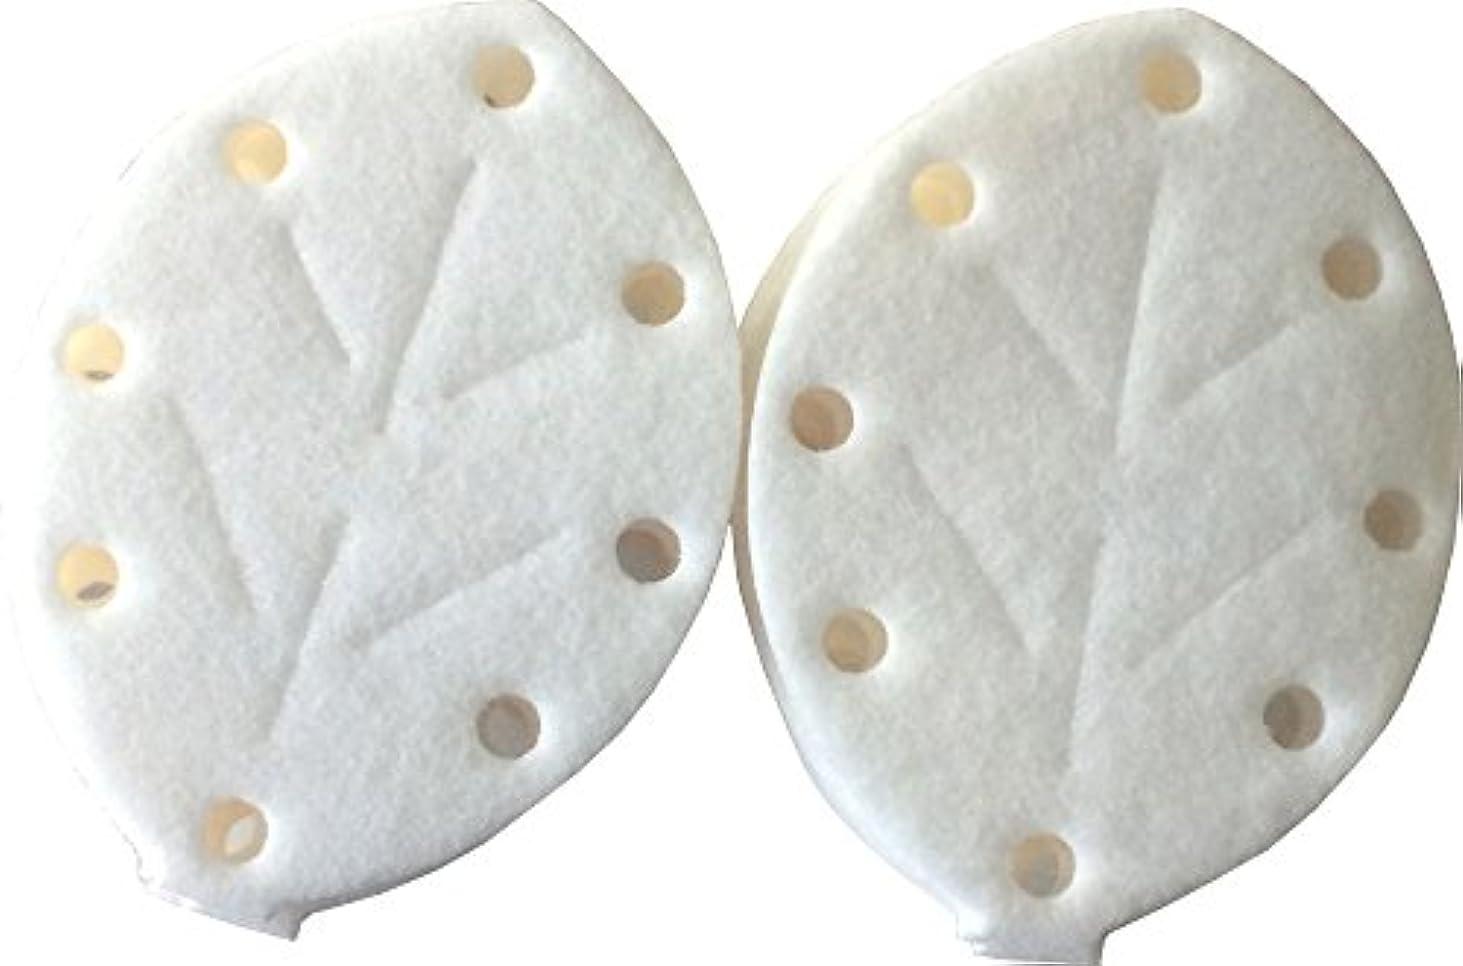 甘味昼寝農業のアロマブリーズ NEWリーフ型 詰替えマット (10枚入り)